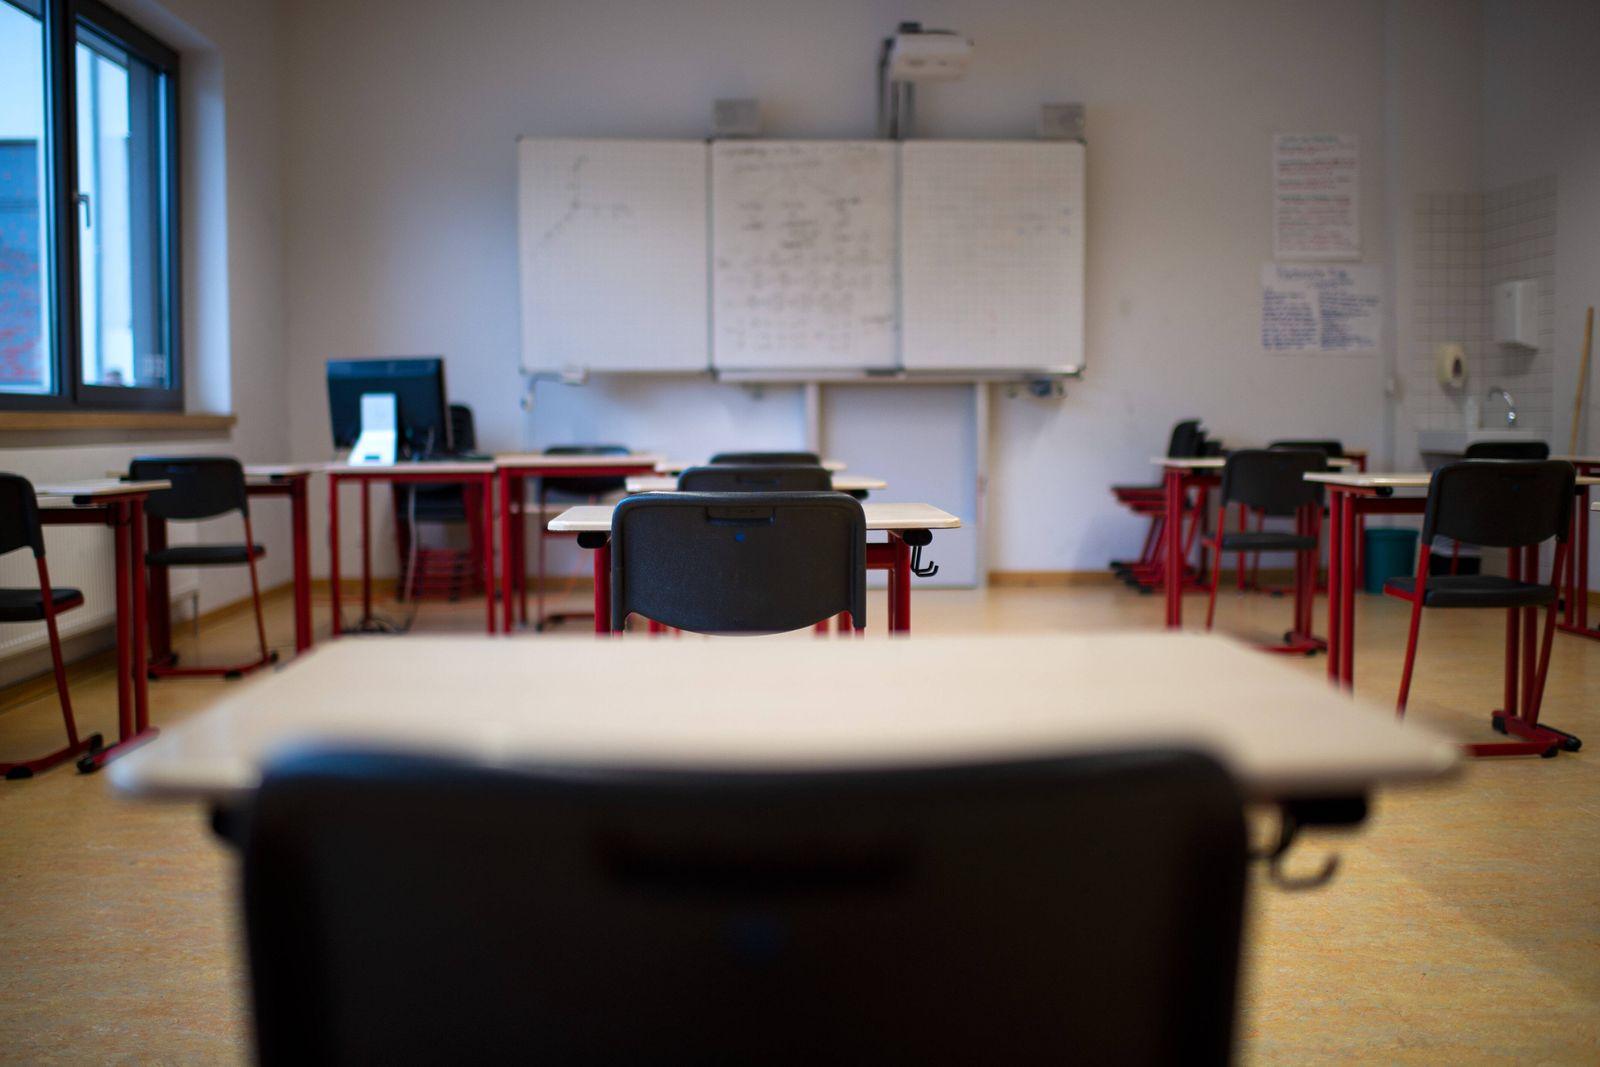 Bünde, Deutschland 11.05.2020: Feature Abitur in der Coronakrise 2020 Im Jahr 2020 werden die schriftlichen Abiturklaus